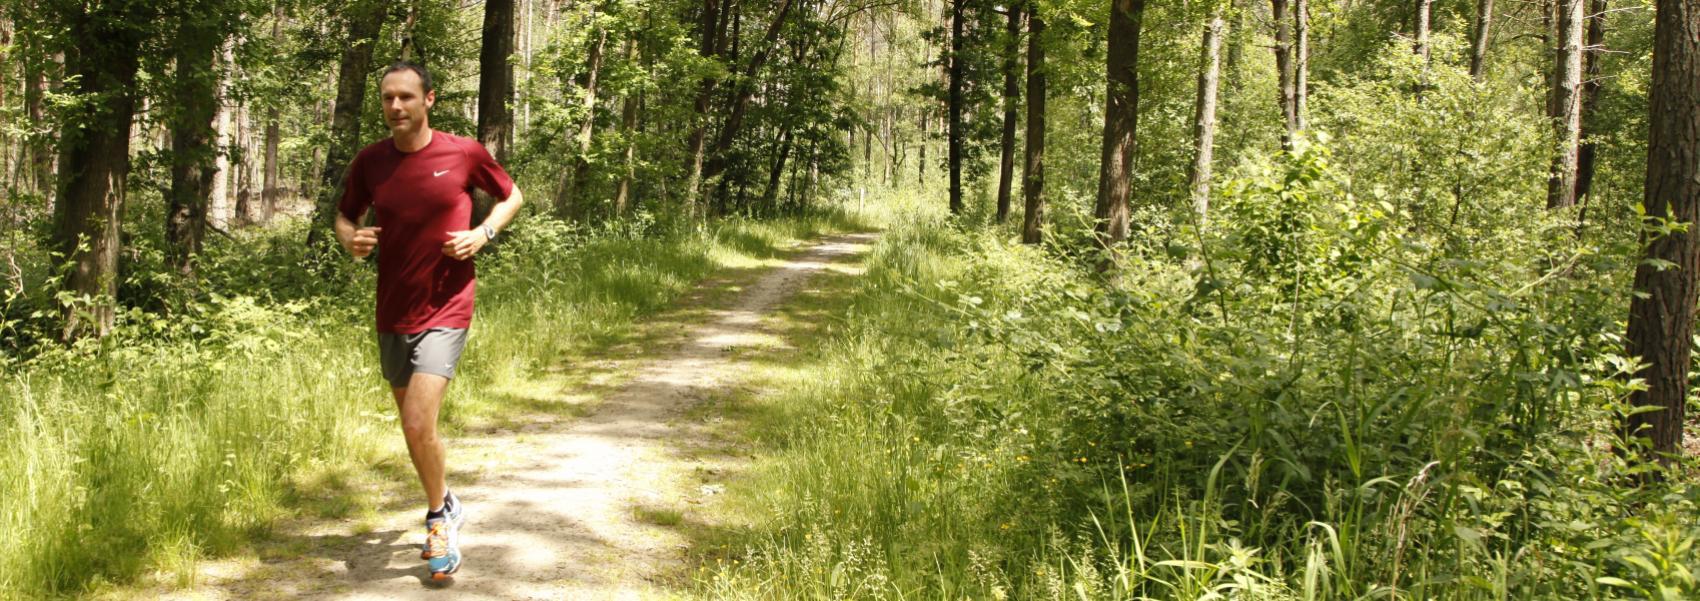 een loper in het bos